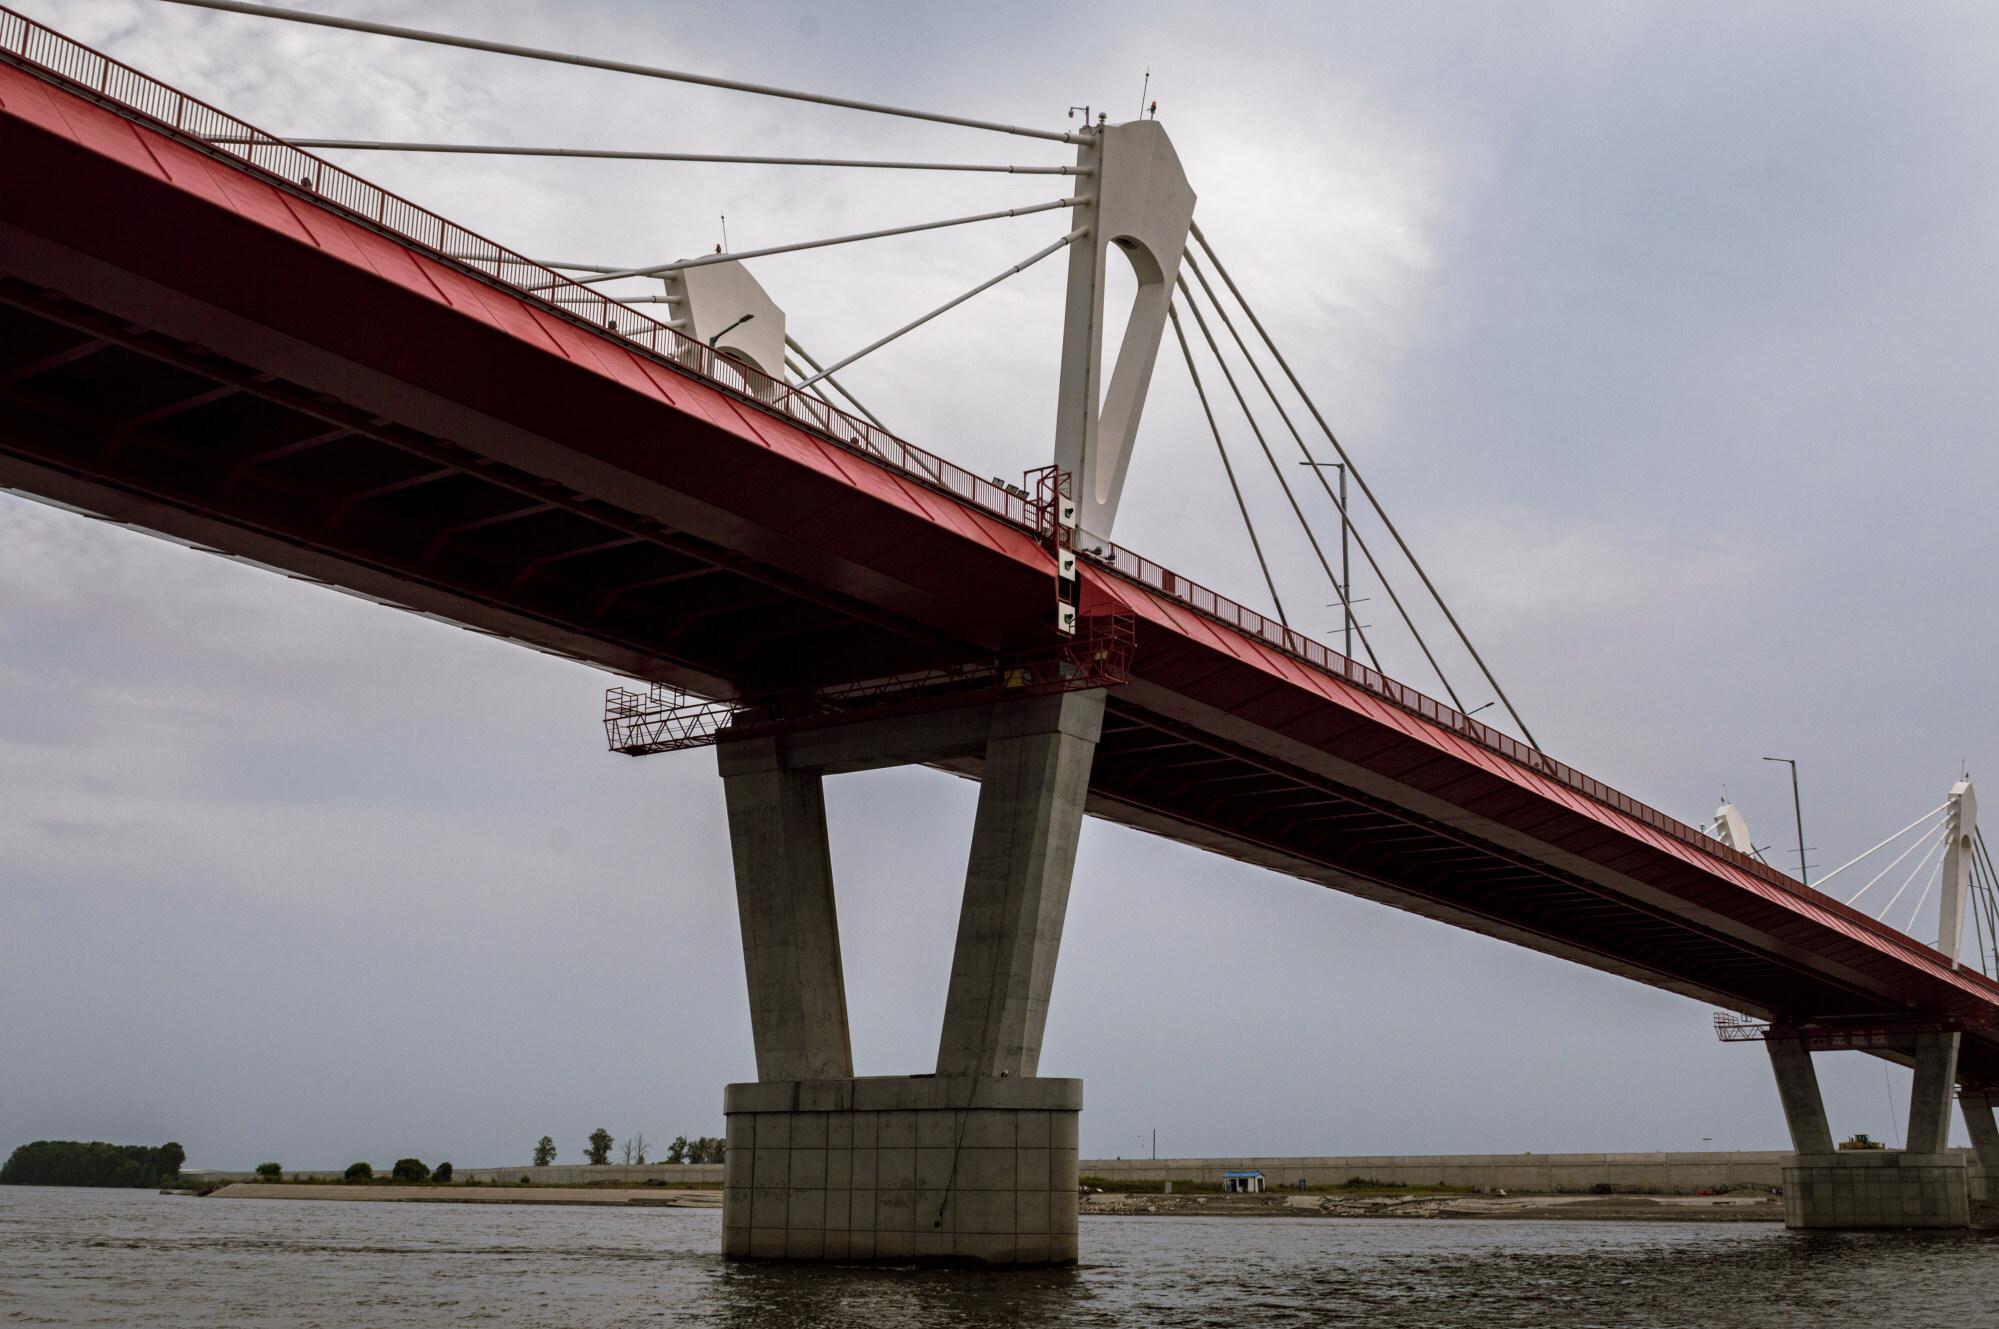 1080-метровый мост, соединяющий Благовещенск России с китайским Хэйхэ. Фото: Татьяна Саймс